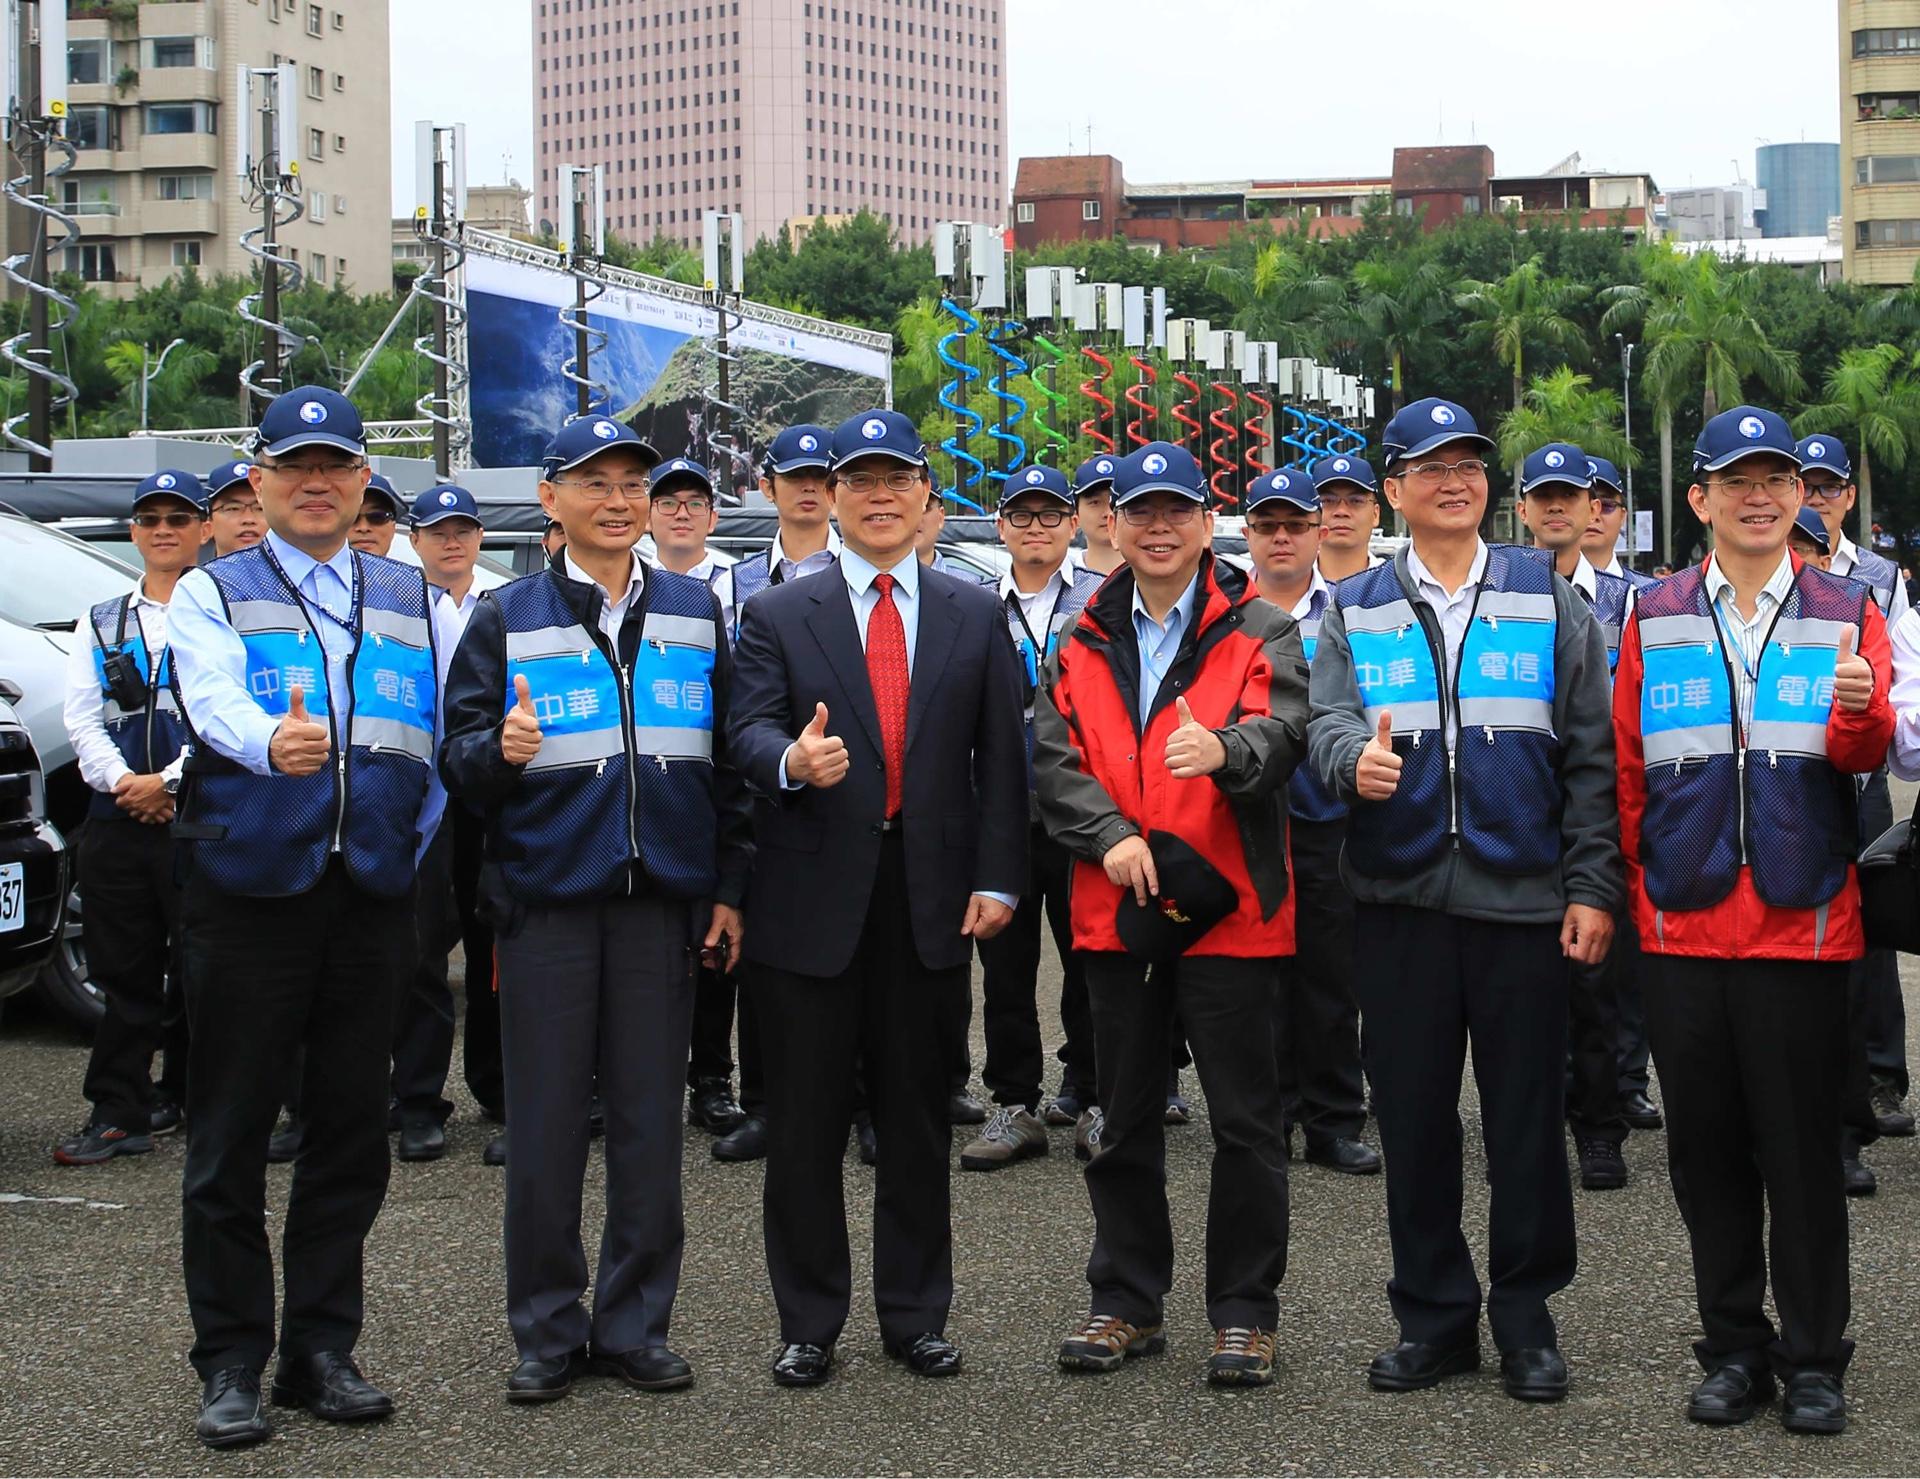 中華電信第五代防救災行動通訊車上陣